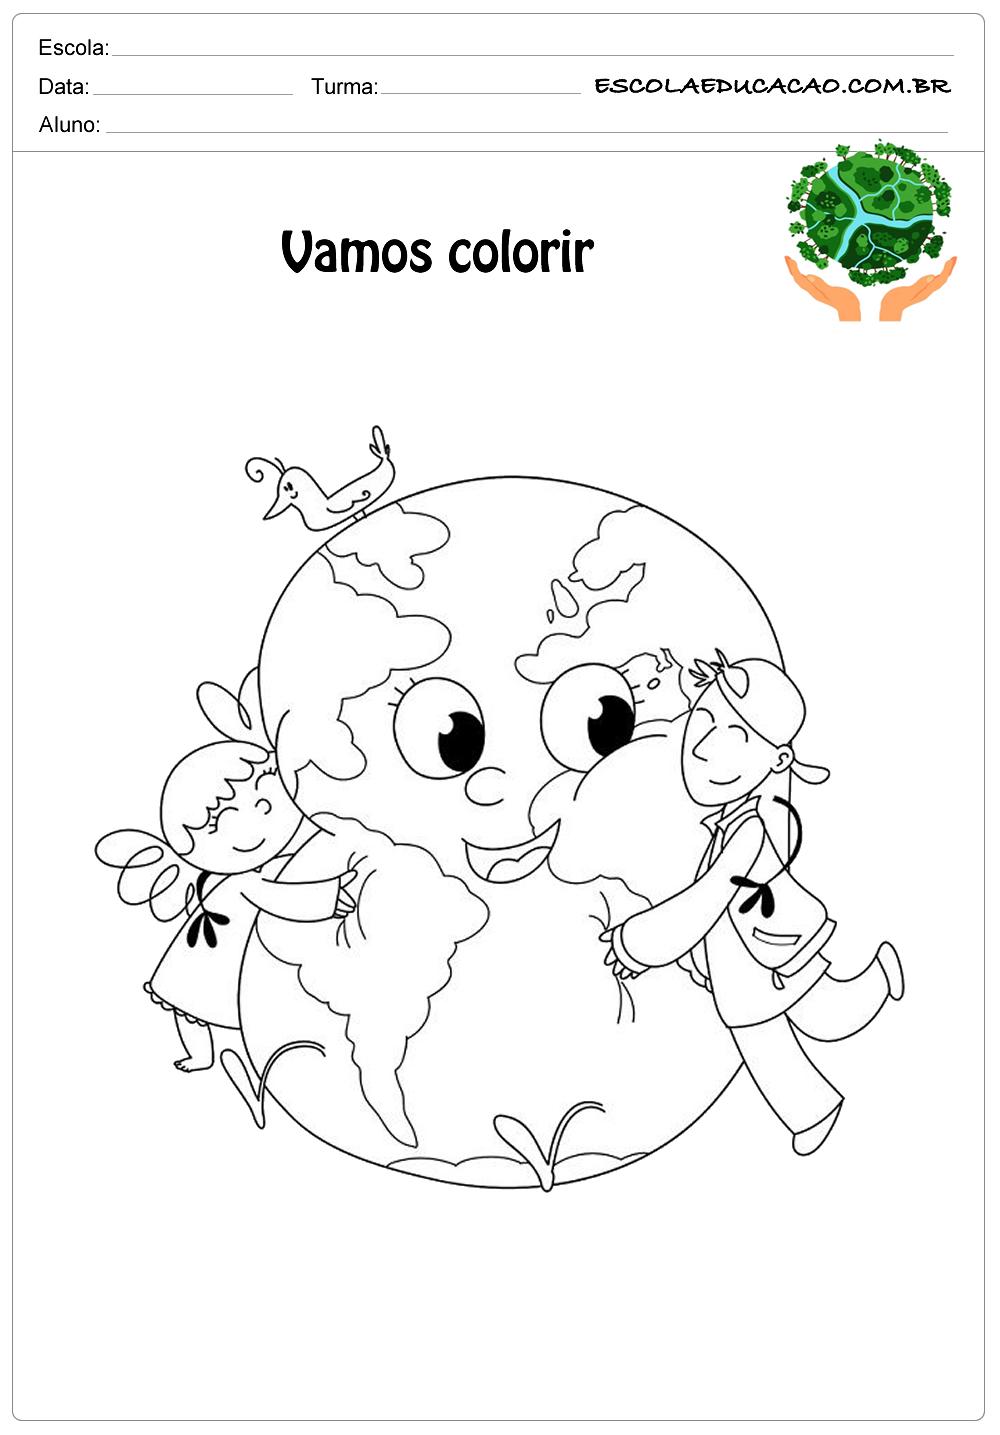 Desenhos para colorir do meio ambiente vamos colorir